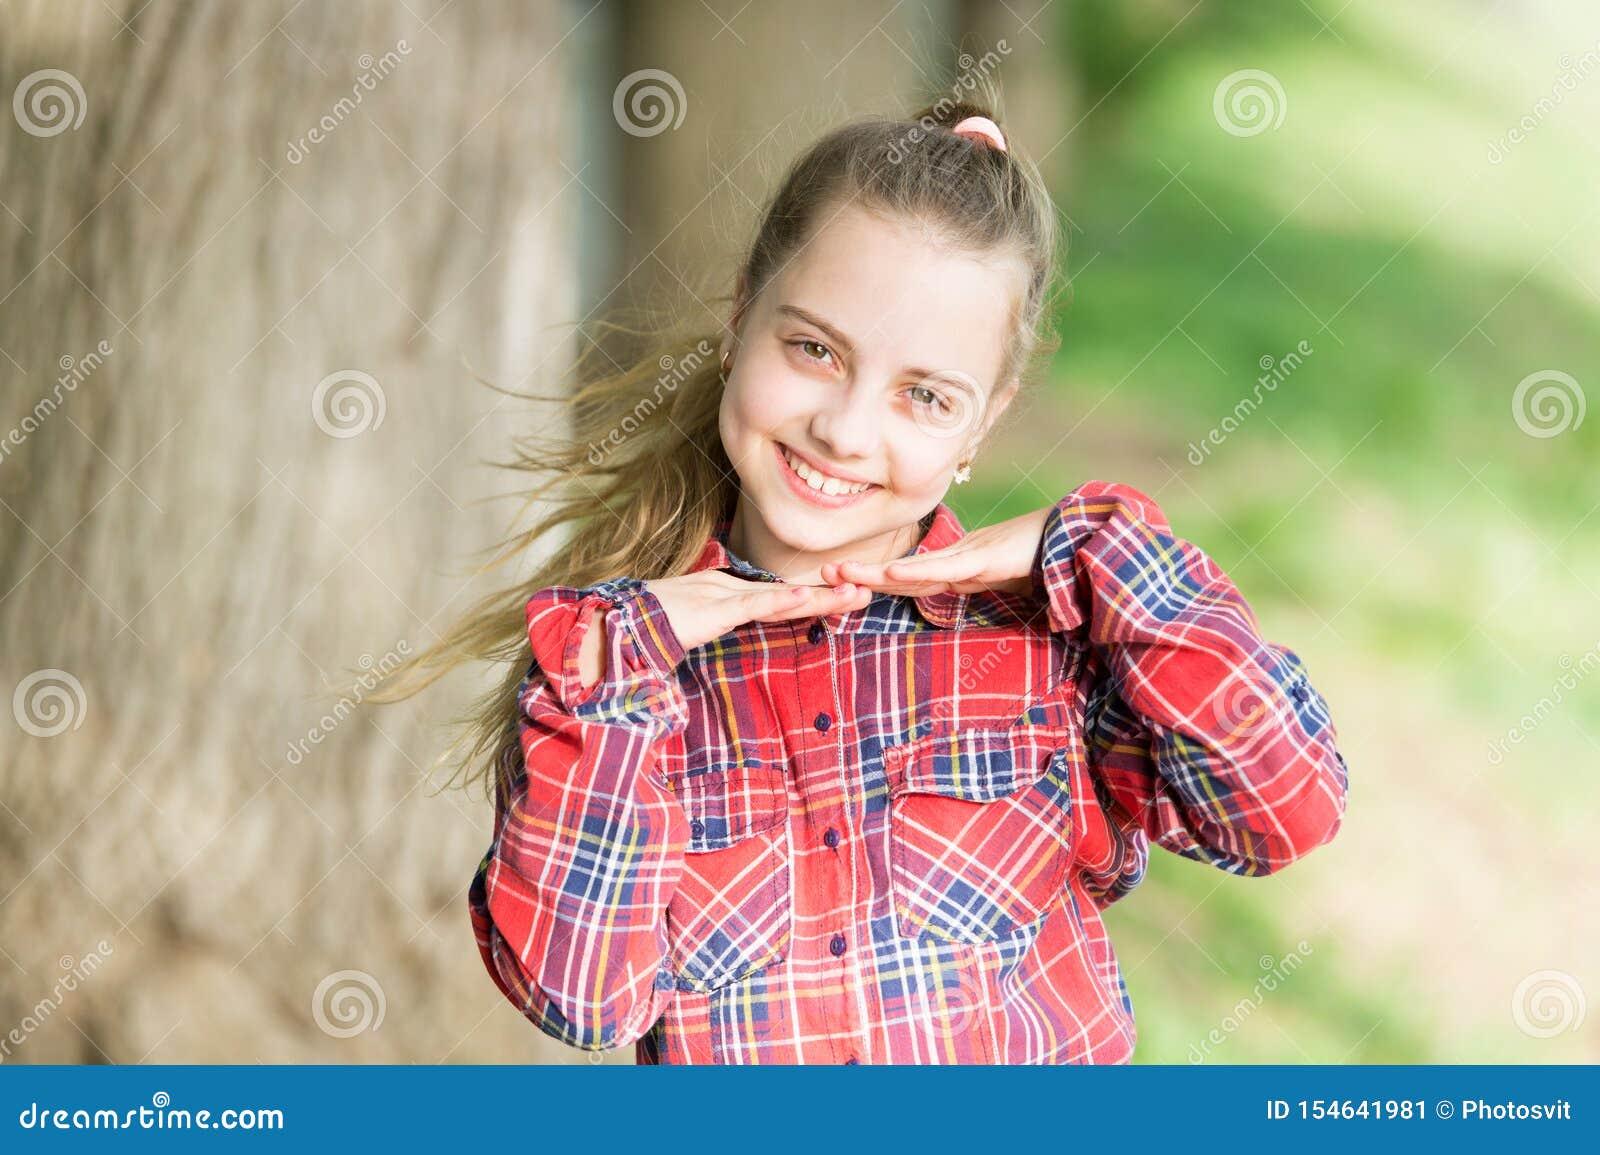 Adorbale-Babygesicht Glückliches Kind mit nettem Gesichtsblick Kleines M?dchen, das mit gesunder junger Gesichtshaut und dem lang